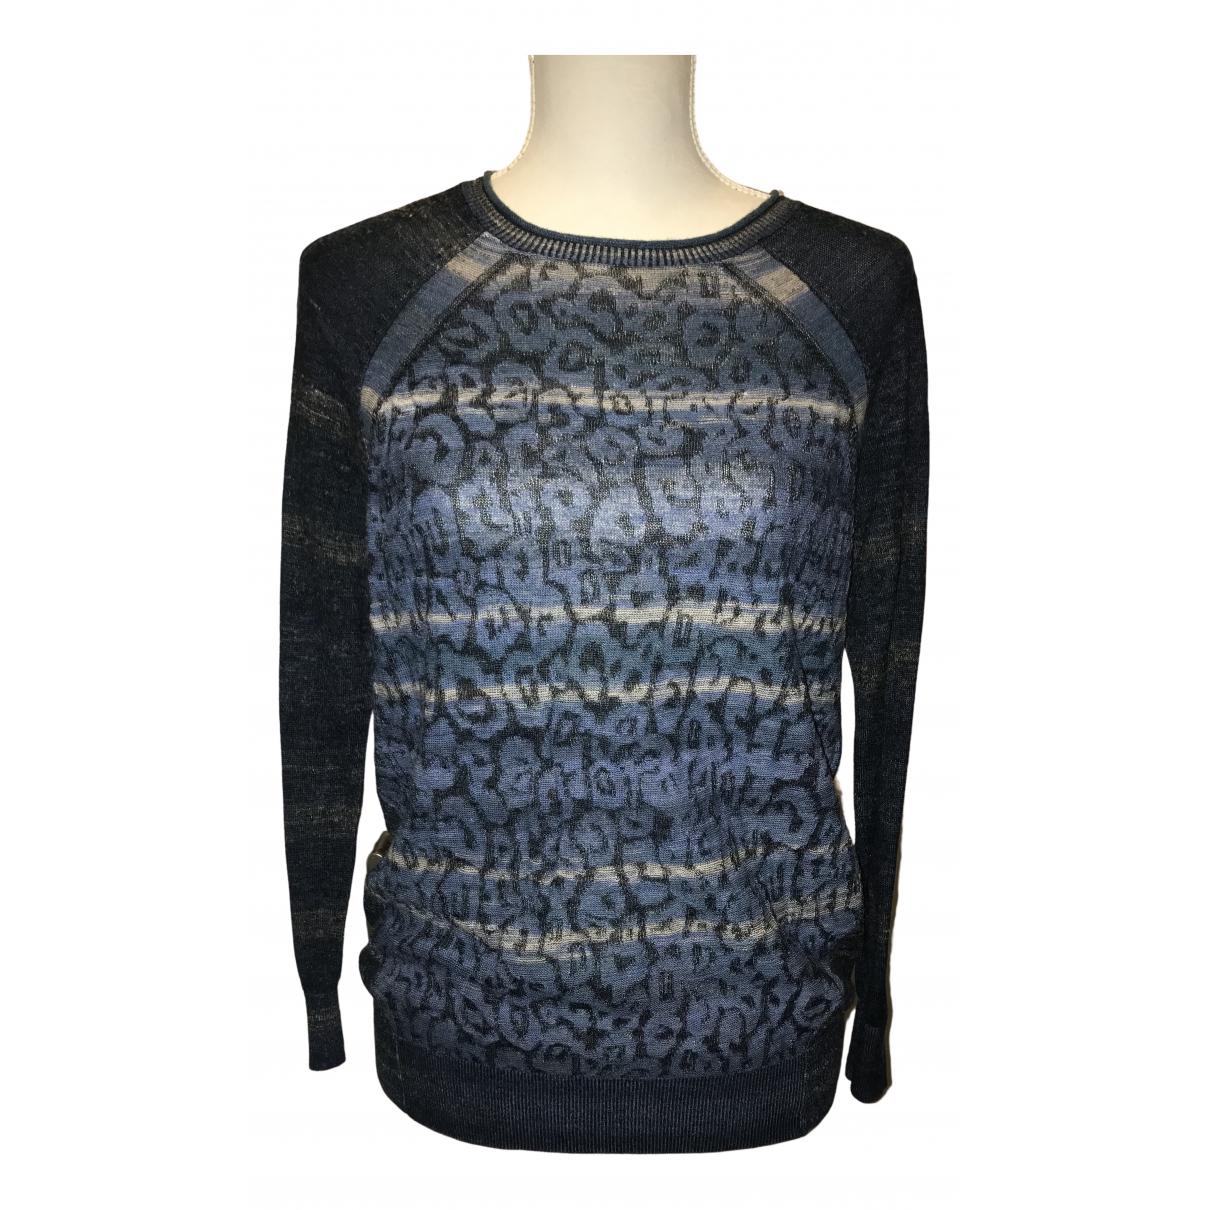 Karen Millen - Pull   pour femme en laine - multicolore